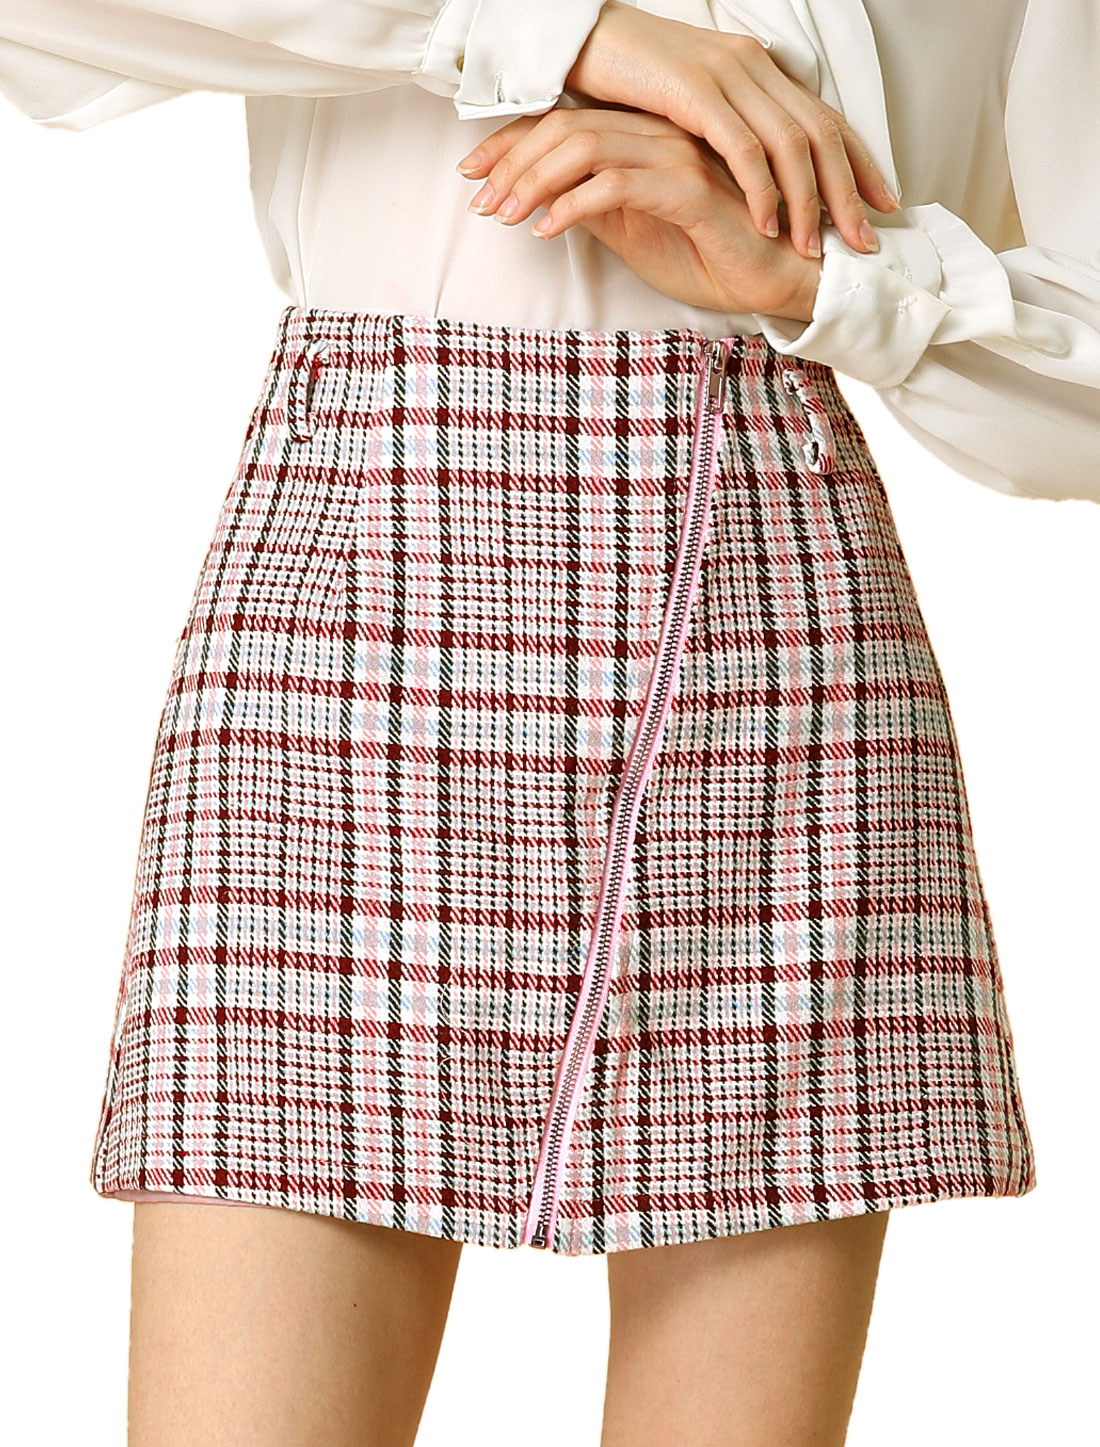 Allegra K Women's Zip High Waist Aline Plaids Skirt with Belt PINK M (US 10)